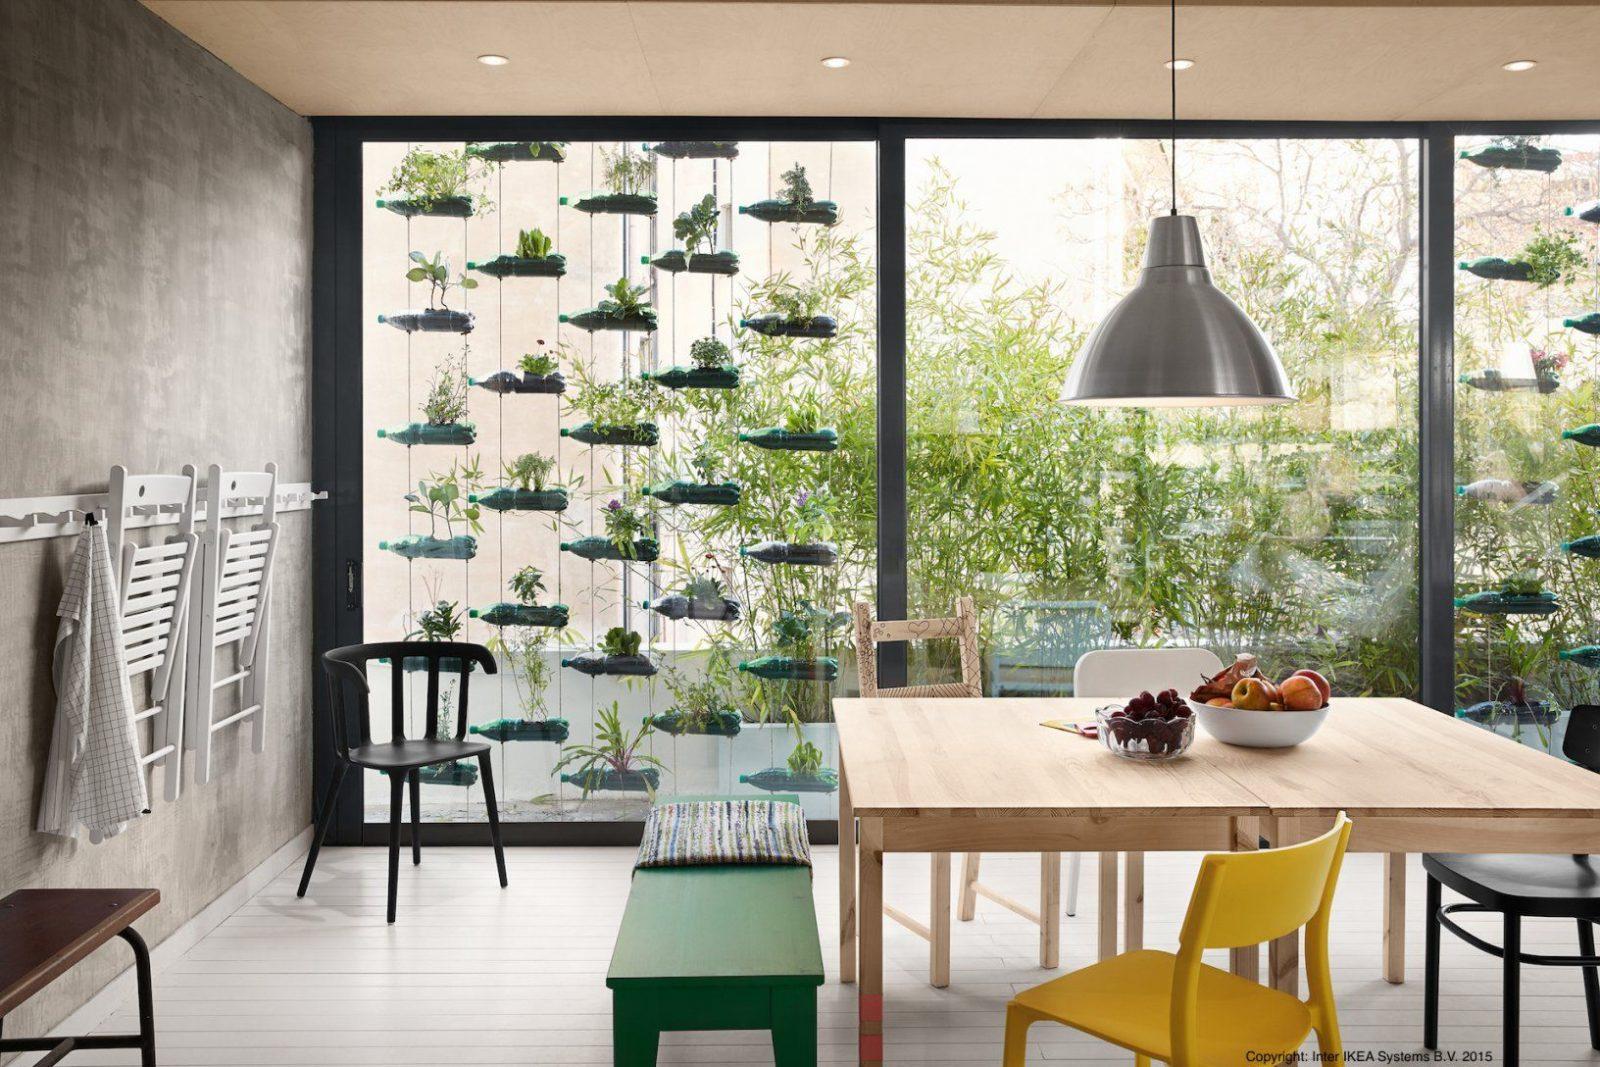 Balkon Ideen Ikea  Kleines Diy Als Sichtschutz  Ahoipopoiblog von Sichtschutz Für Balkon Ikea Bild